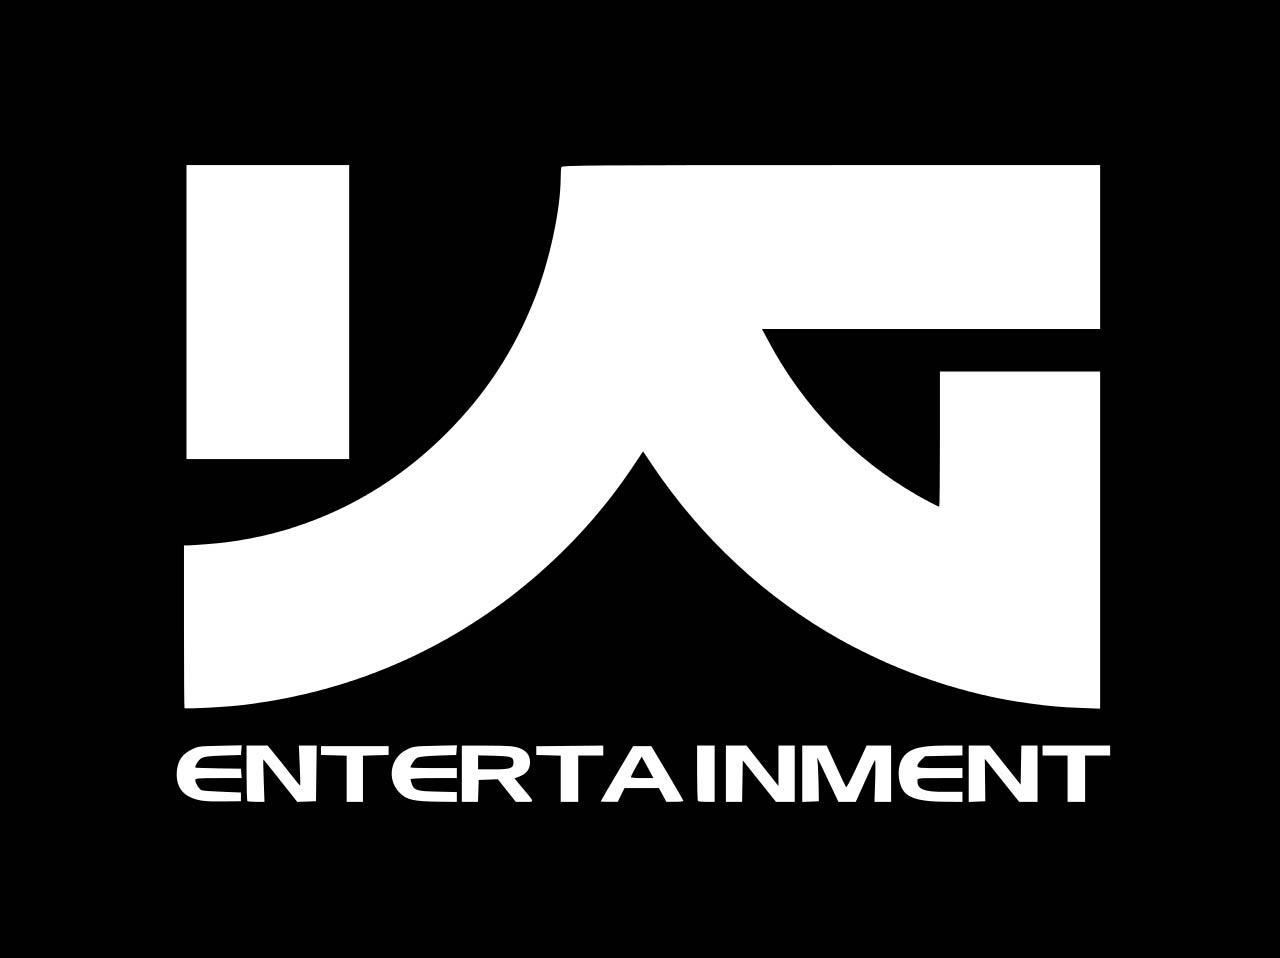 除了被罵翻的YG以外,這次是哪間公司被罵了呢?